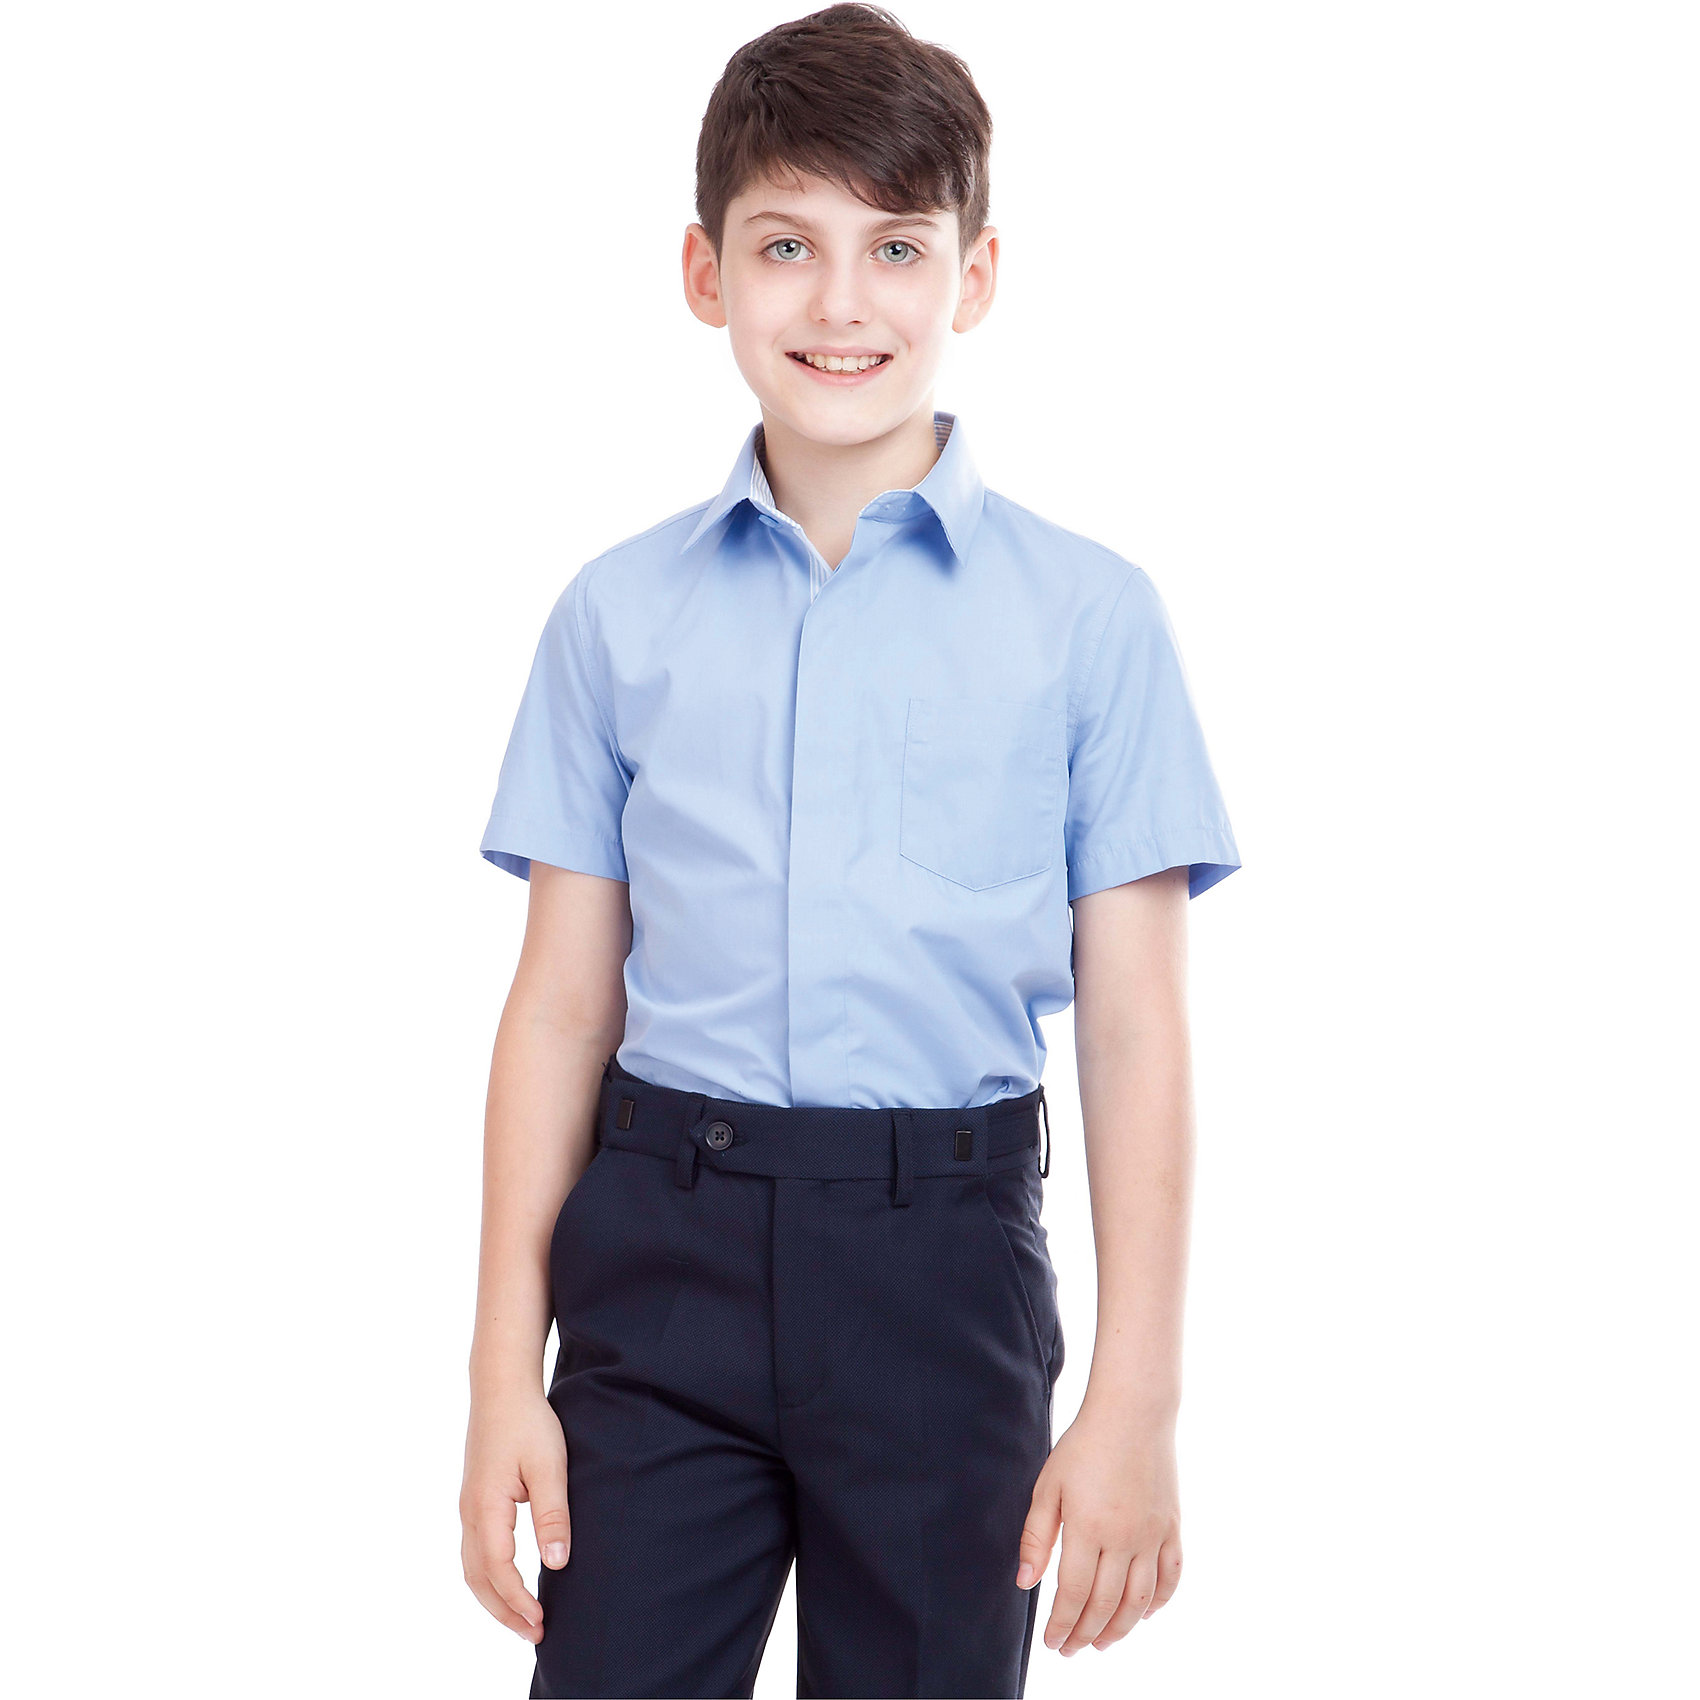 Рубашка для мальчика GulliverРубашка для мальчика от российского бренда Gulliver.<br>Классическая белая рубашка с коротким рукавом должна быть и в зимнем гардеробе школьника, ведь в школе бывает очень жарко.  Современный крой обеспечивает прекрасную посадку изделия на фигуре.<br>Состав:<br>80%Хлопок 20%Полиэстер<br><br>Ширина мм: 174<br>Глубина мм: 10<br>Высота мм: 169<br>Вес г: 157<br>Цвет: голубой<br>Возраст от месяцев: 156<br>Возраст до месяцев: 168<br>Пол: Мужской<br>Возраст: Детский<br>Размер: 134,140,146,152,158,122,164,128<br>SKU: 4174542